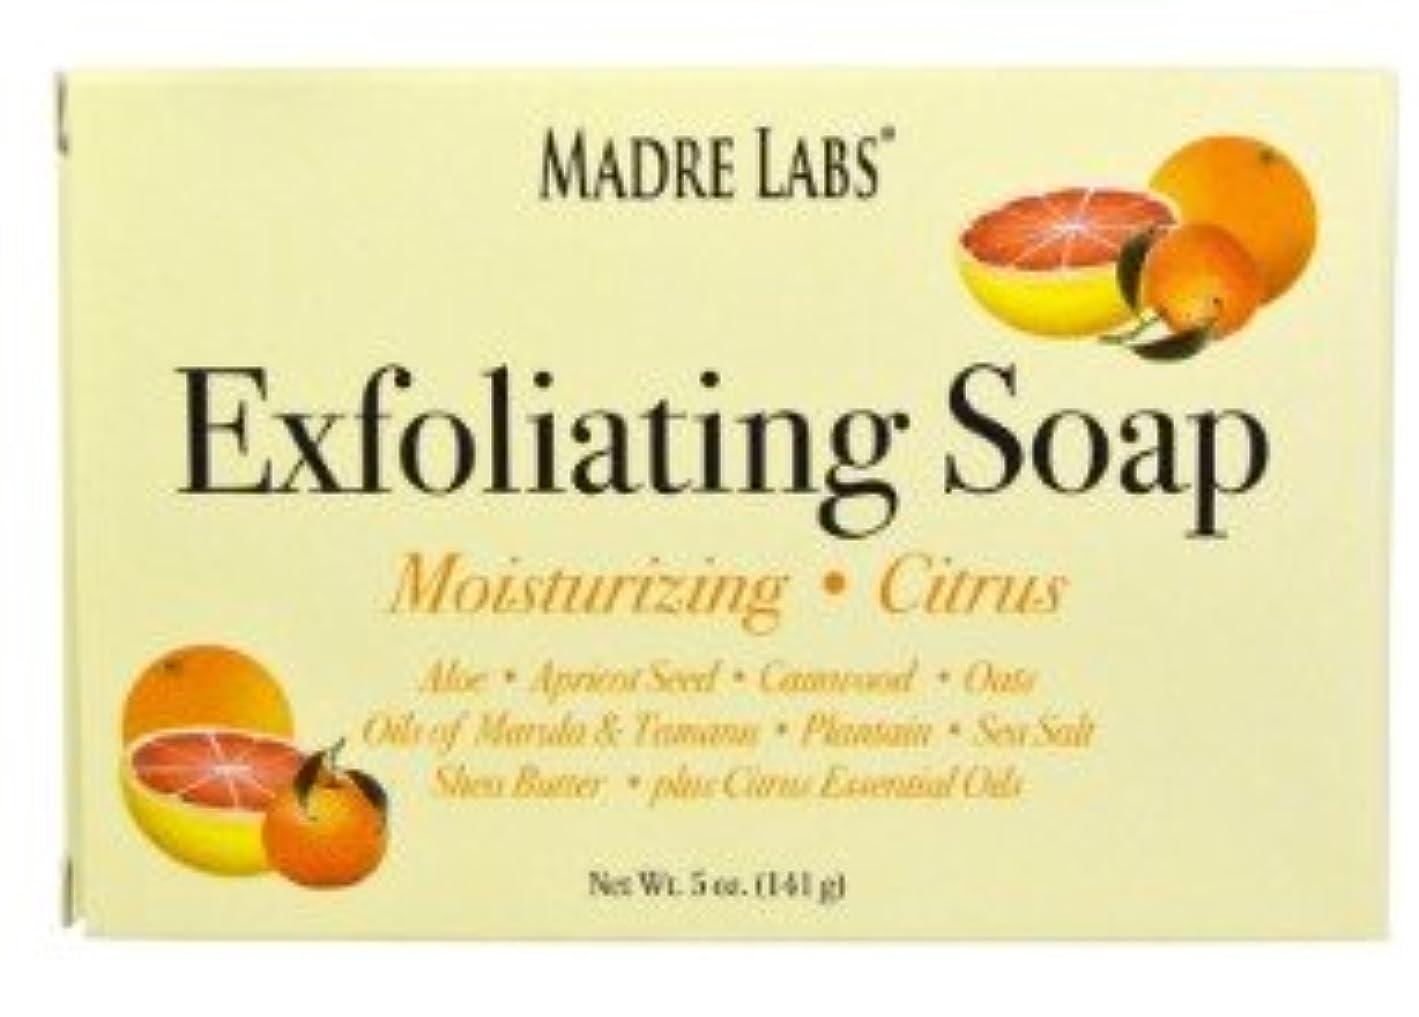 不適注入する詩マドレラブ シアバター入り石鹸 柑橘フレーバー Madre Labs Exfoliating Soap Bar with Marula & Tamanu Oils plus Shea Butter [並行輸入品]